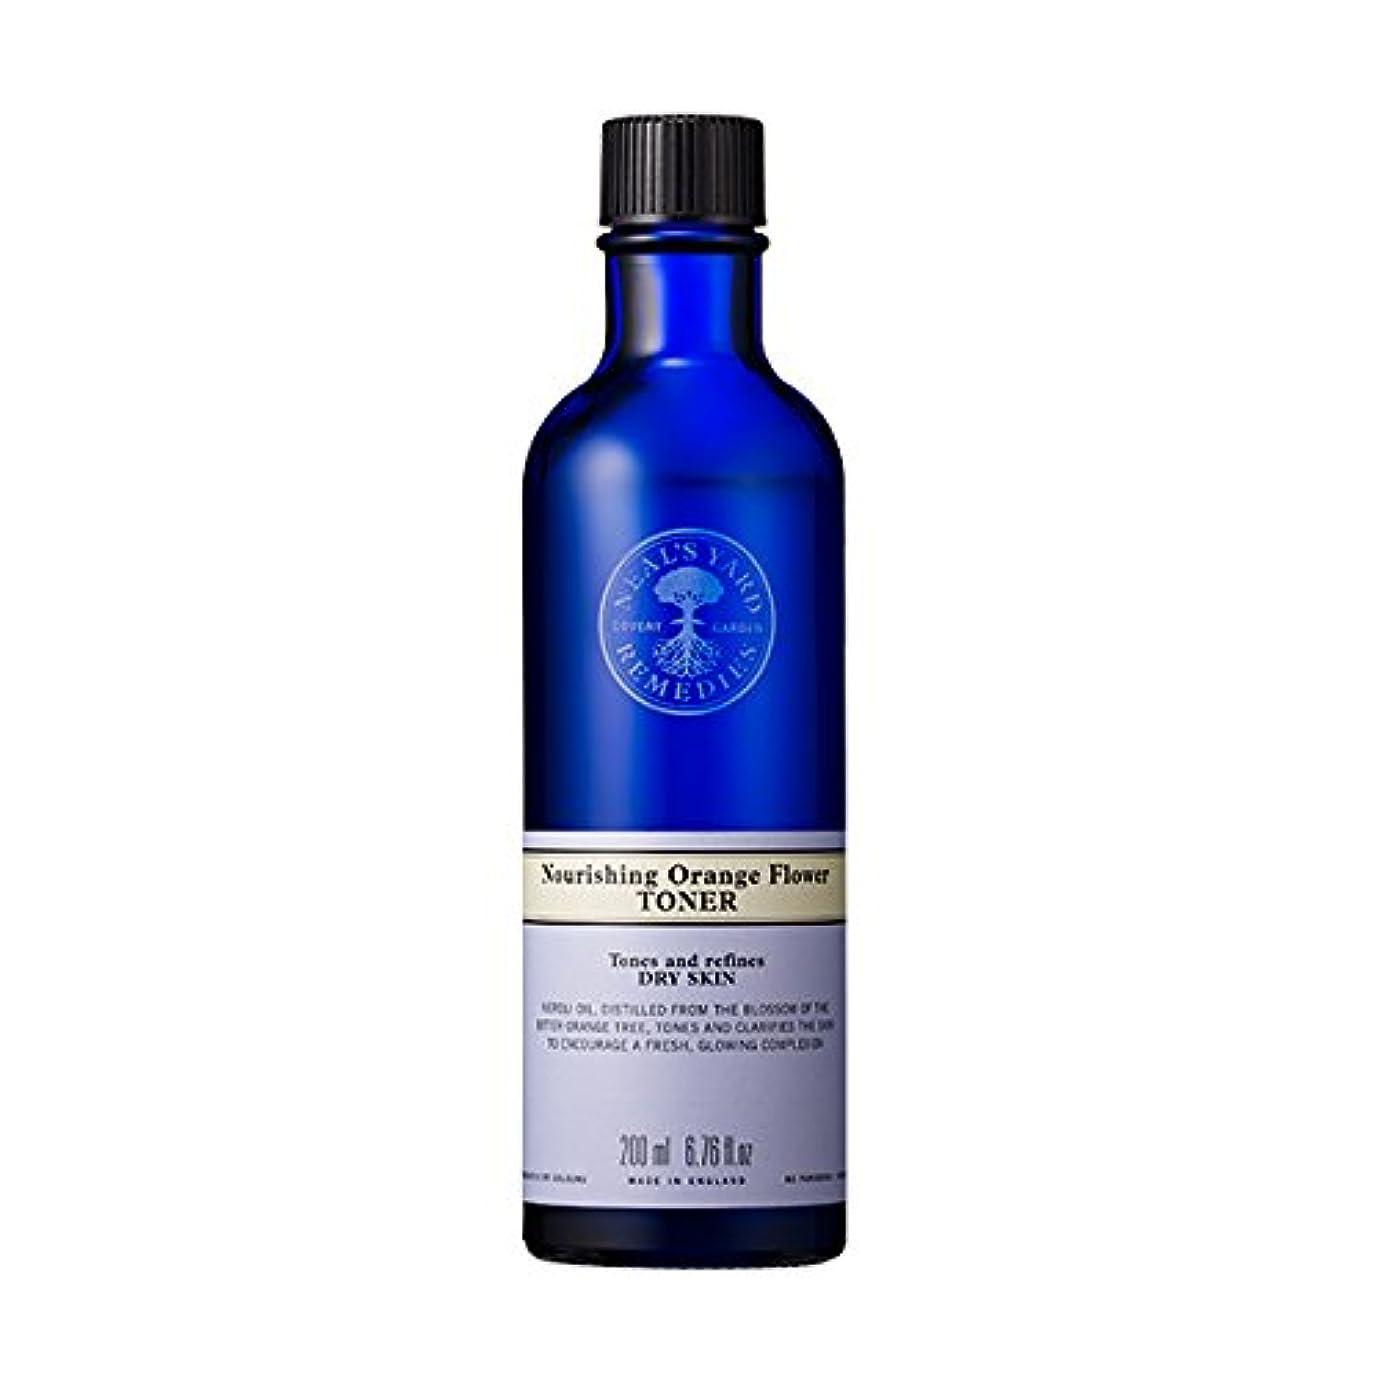 トライアスロン一般的に言えばパールニールズヤード レメディーズ オレンジフラワーウォーター(化粧水) 200ml